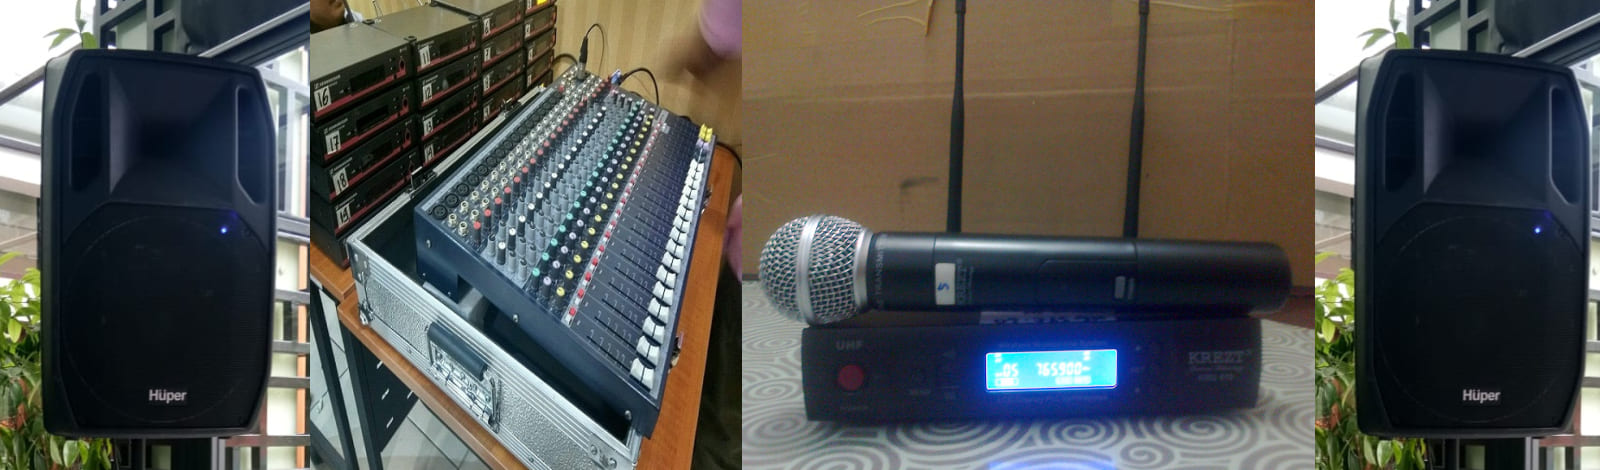 Temmpat Jasa Sewa Peralatan dan perlengkapan sound sistem, audio mixer, sound card, speaker aktif, microphone kabel, mic retro/classic, megaphone Toa, standing mic, speaker portable pa amplifier, mic condenser, mikrofone meja/mimbar,